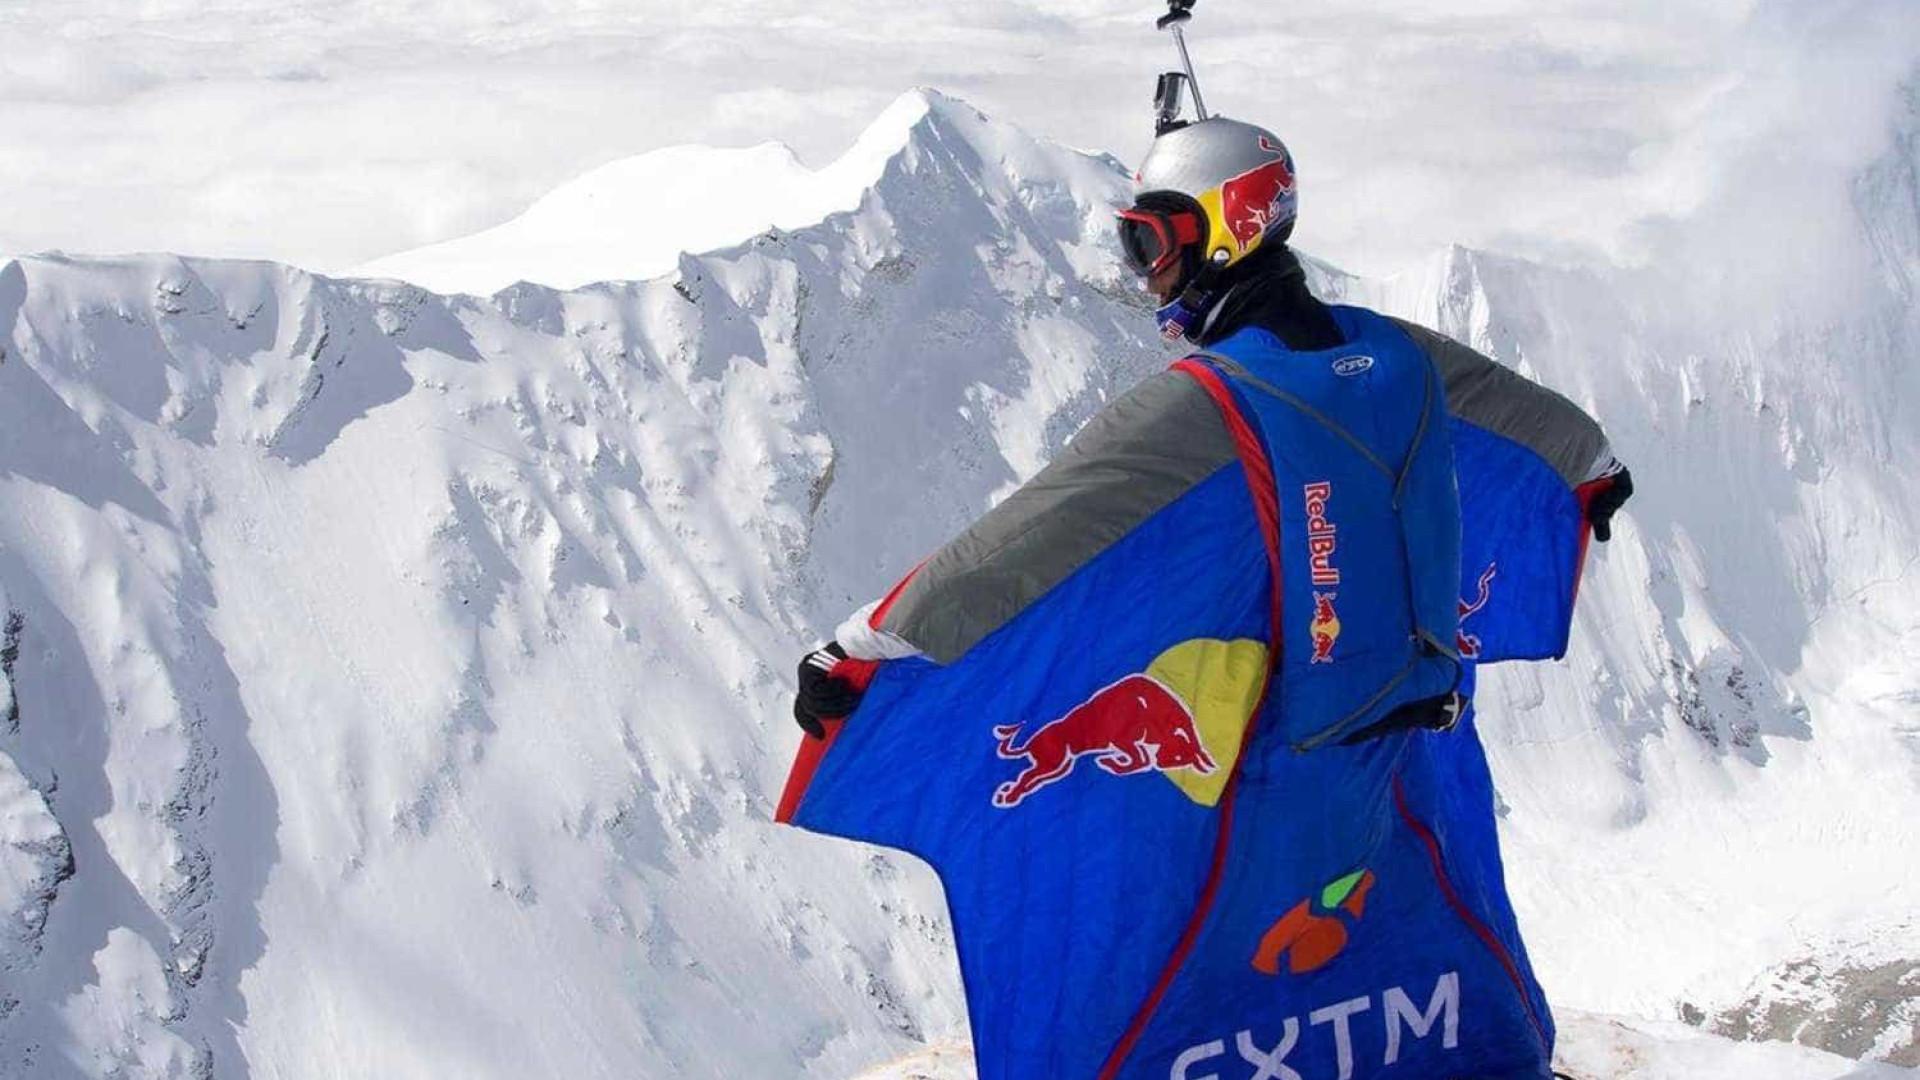 Basejumper bate recorde a quase 8 mil metros no Himalaia; veja o salto